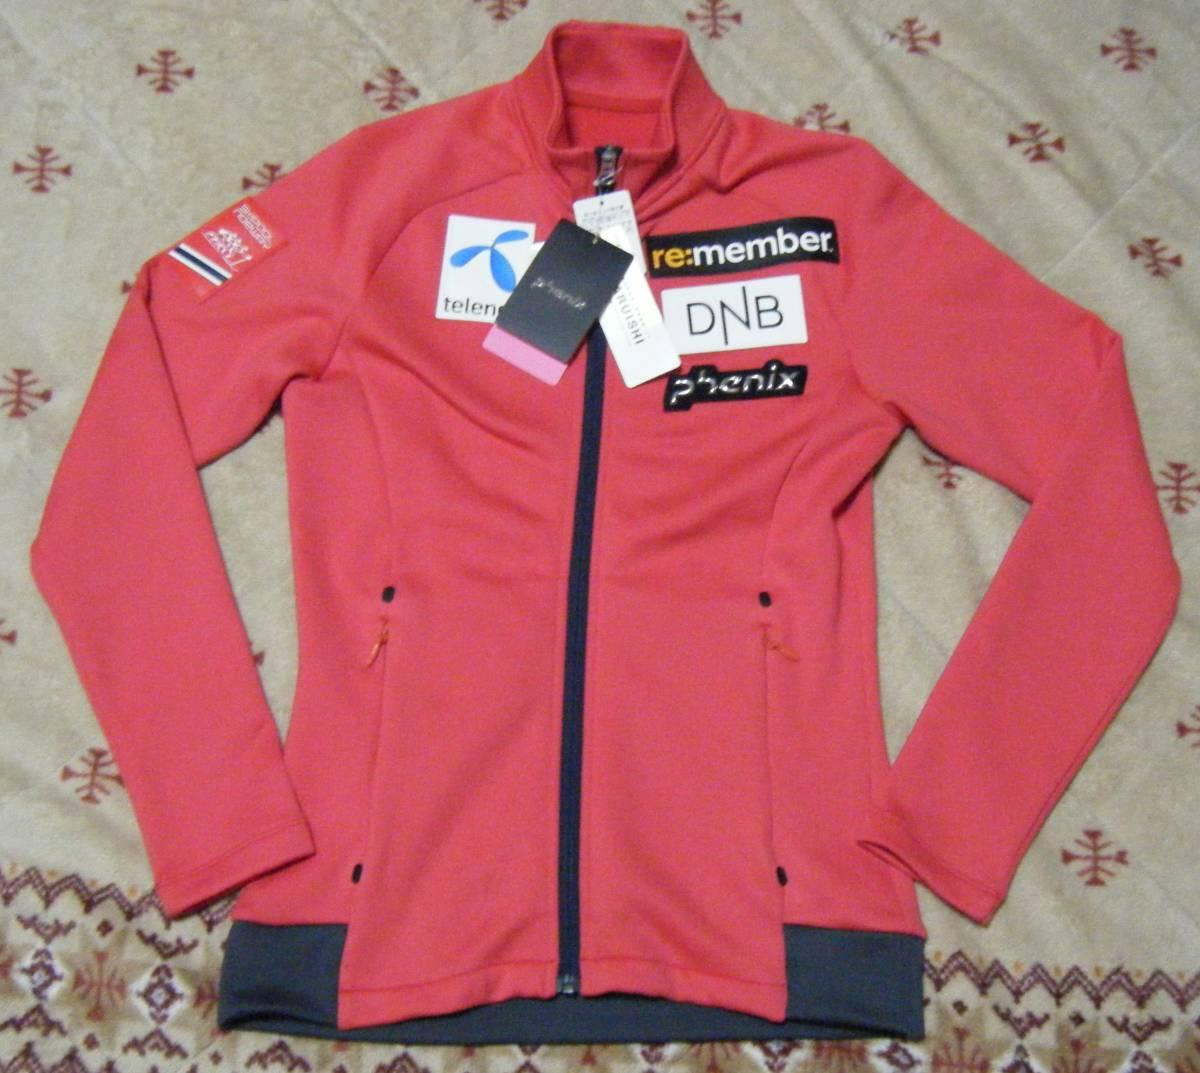 フェニックス phenix Air Light Women's Fleece 高機能フリースジャケット・ミドラー サイズ L スポンサーワッペン付 定価 23,760円_画像1